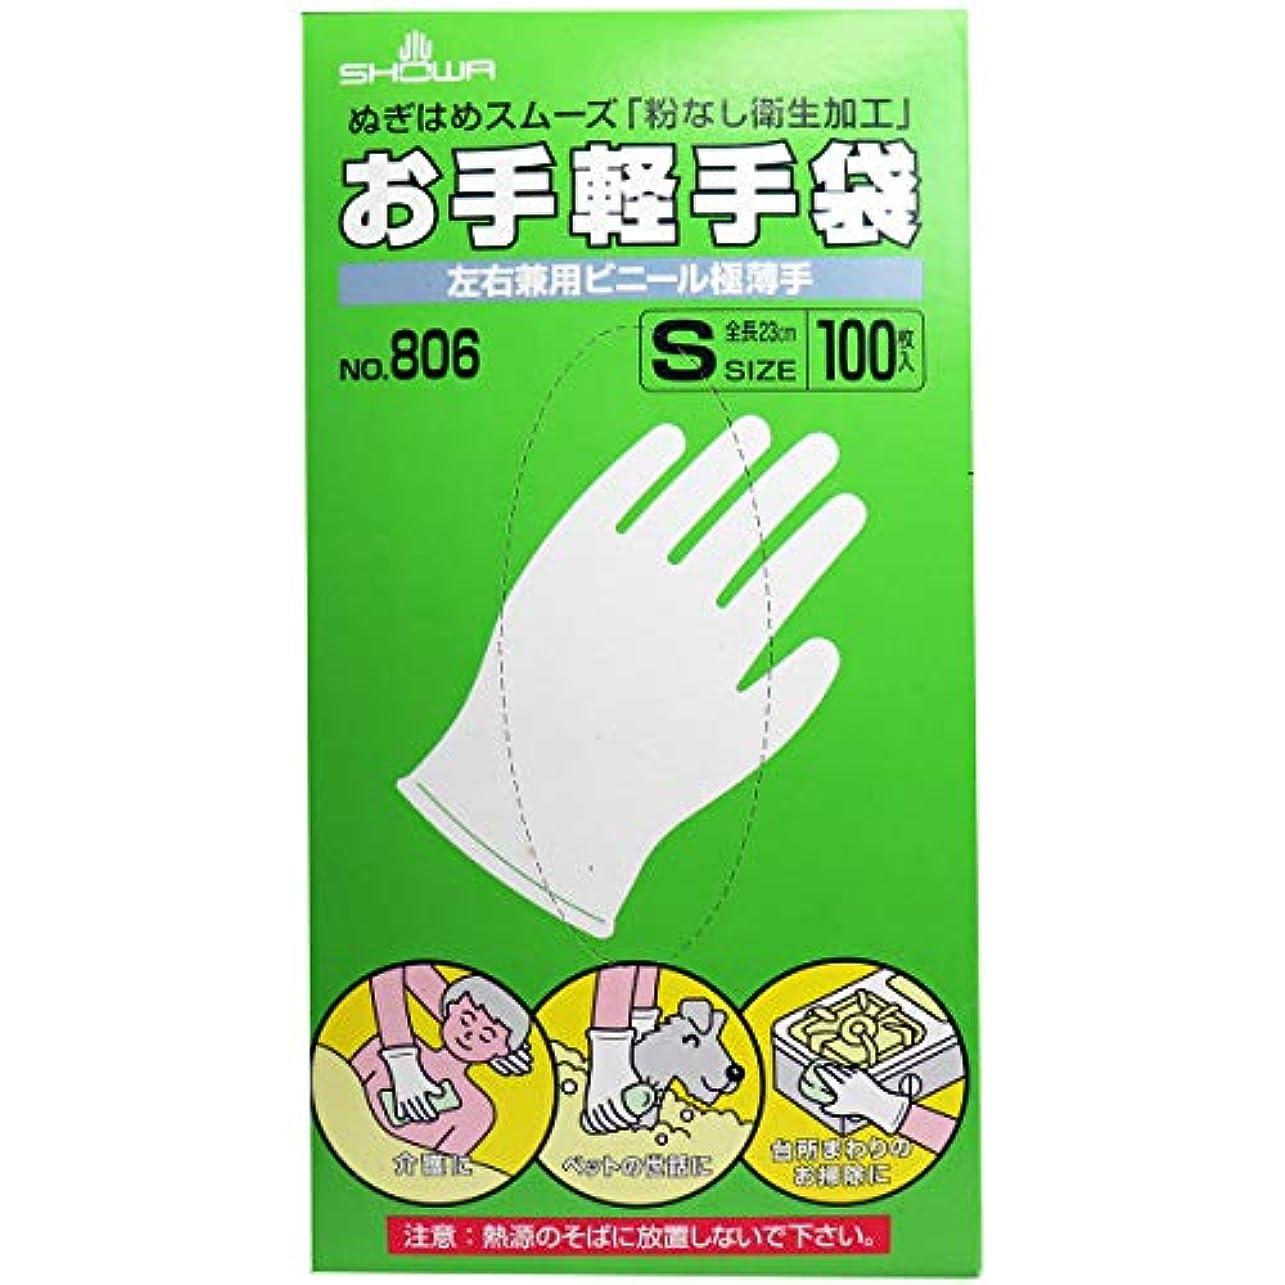 士気子猫うるさいお手軽手袋 No.806 左右兼用ビニール極薄手 粉なし Sサイズ 100枚入×2個セット